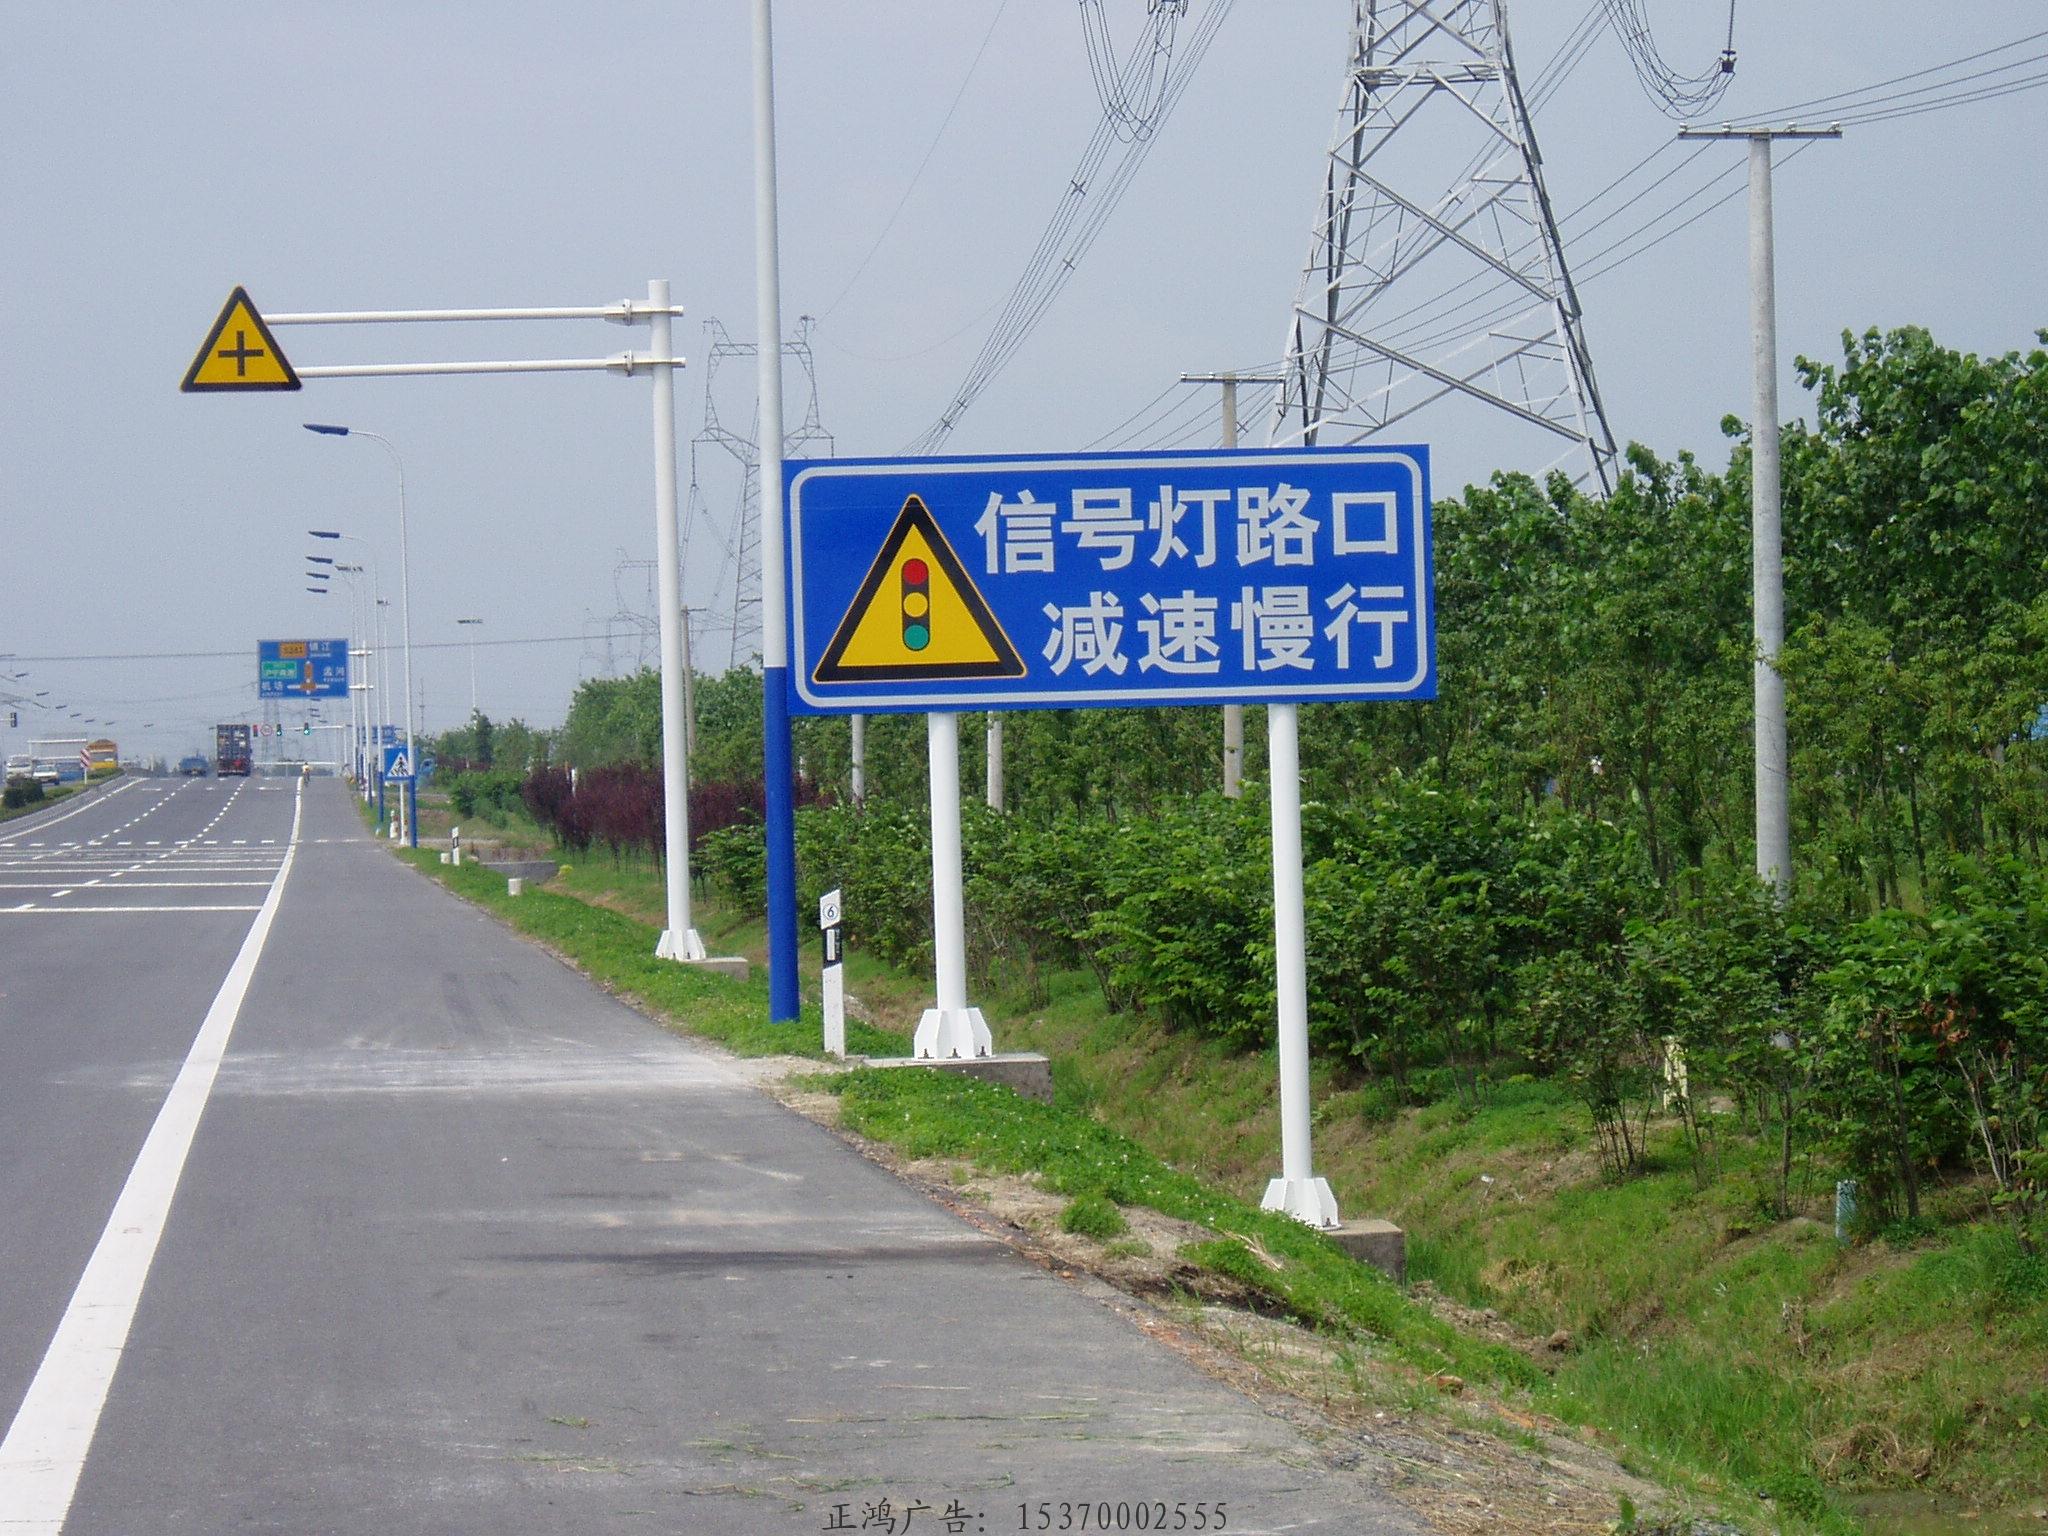 导视系统-交通指示牌